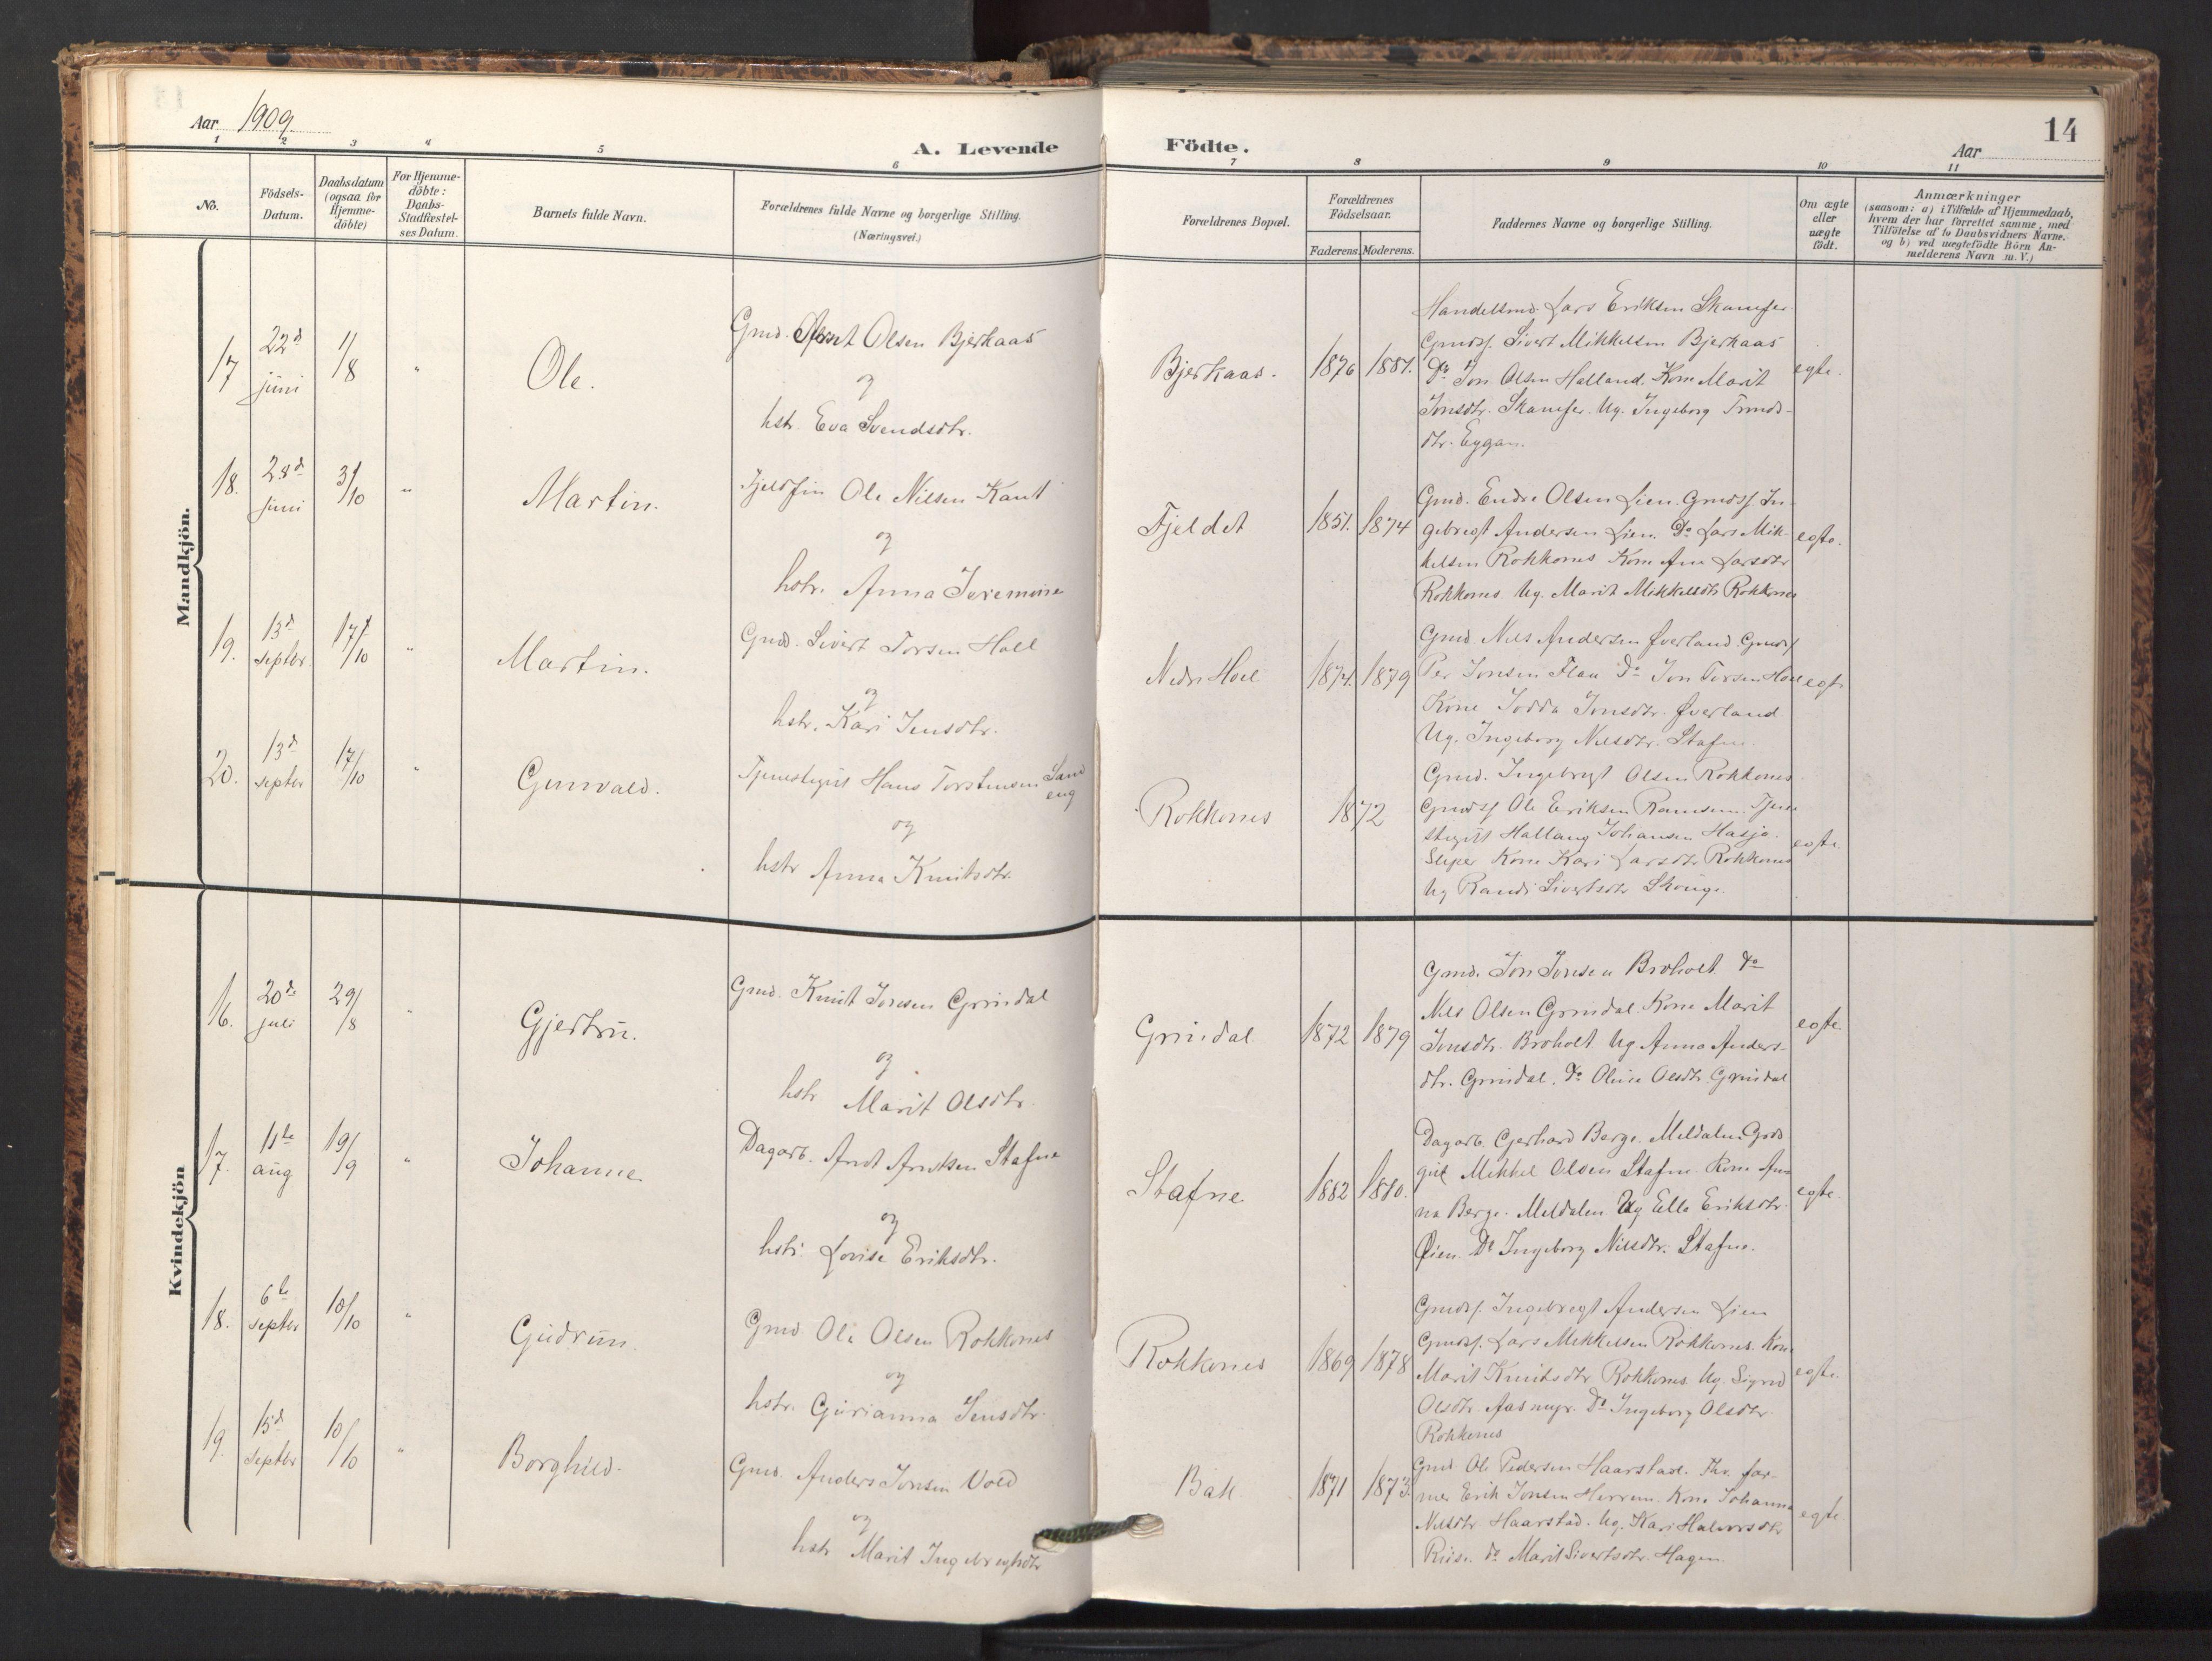 SAT, Ministerialprotokoller, klokkerbøker og fødselsregistre - Sør-Trøndelag, 674/L0873: Ministerialbok nr. 674A05, 1908-1923, s. 14